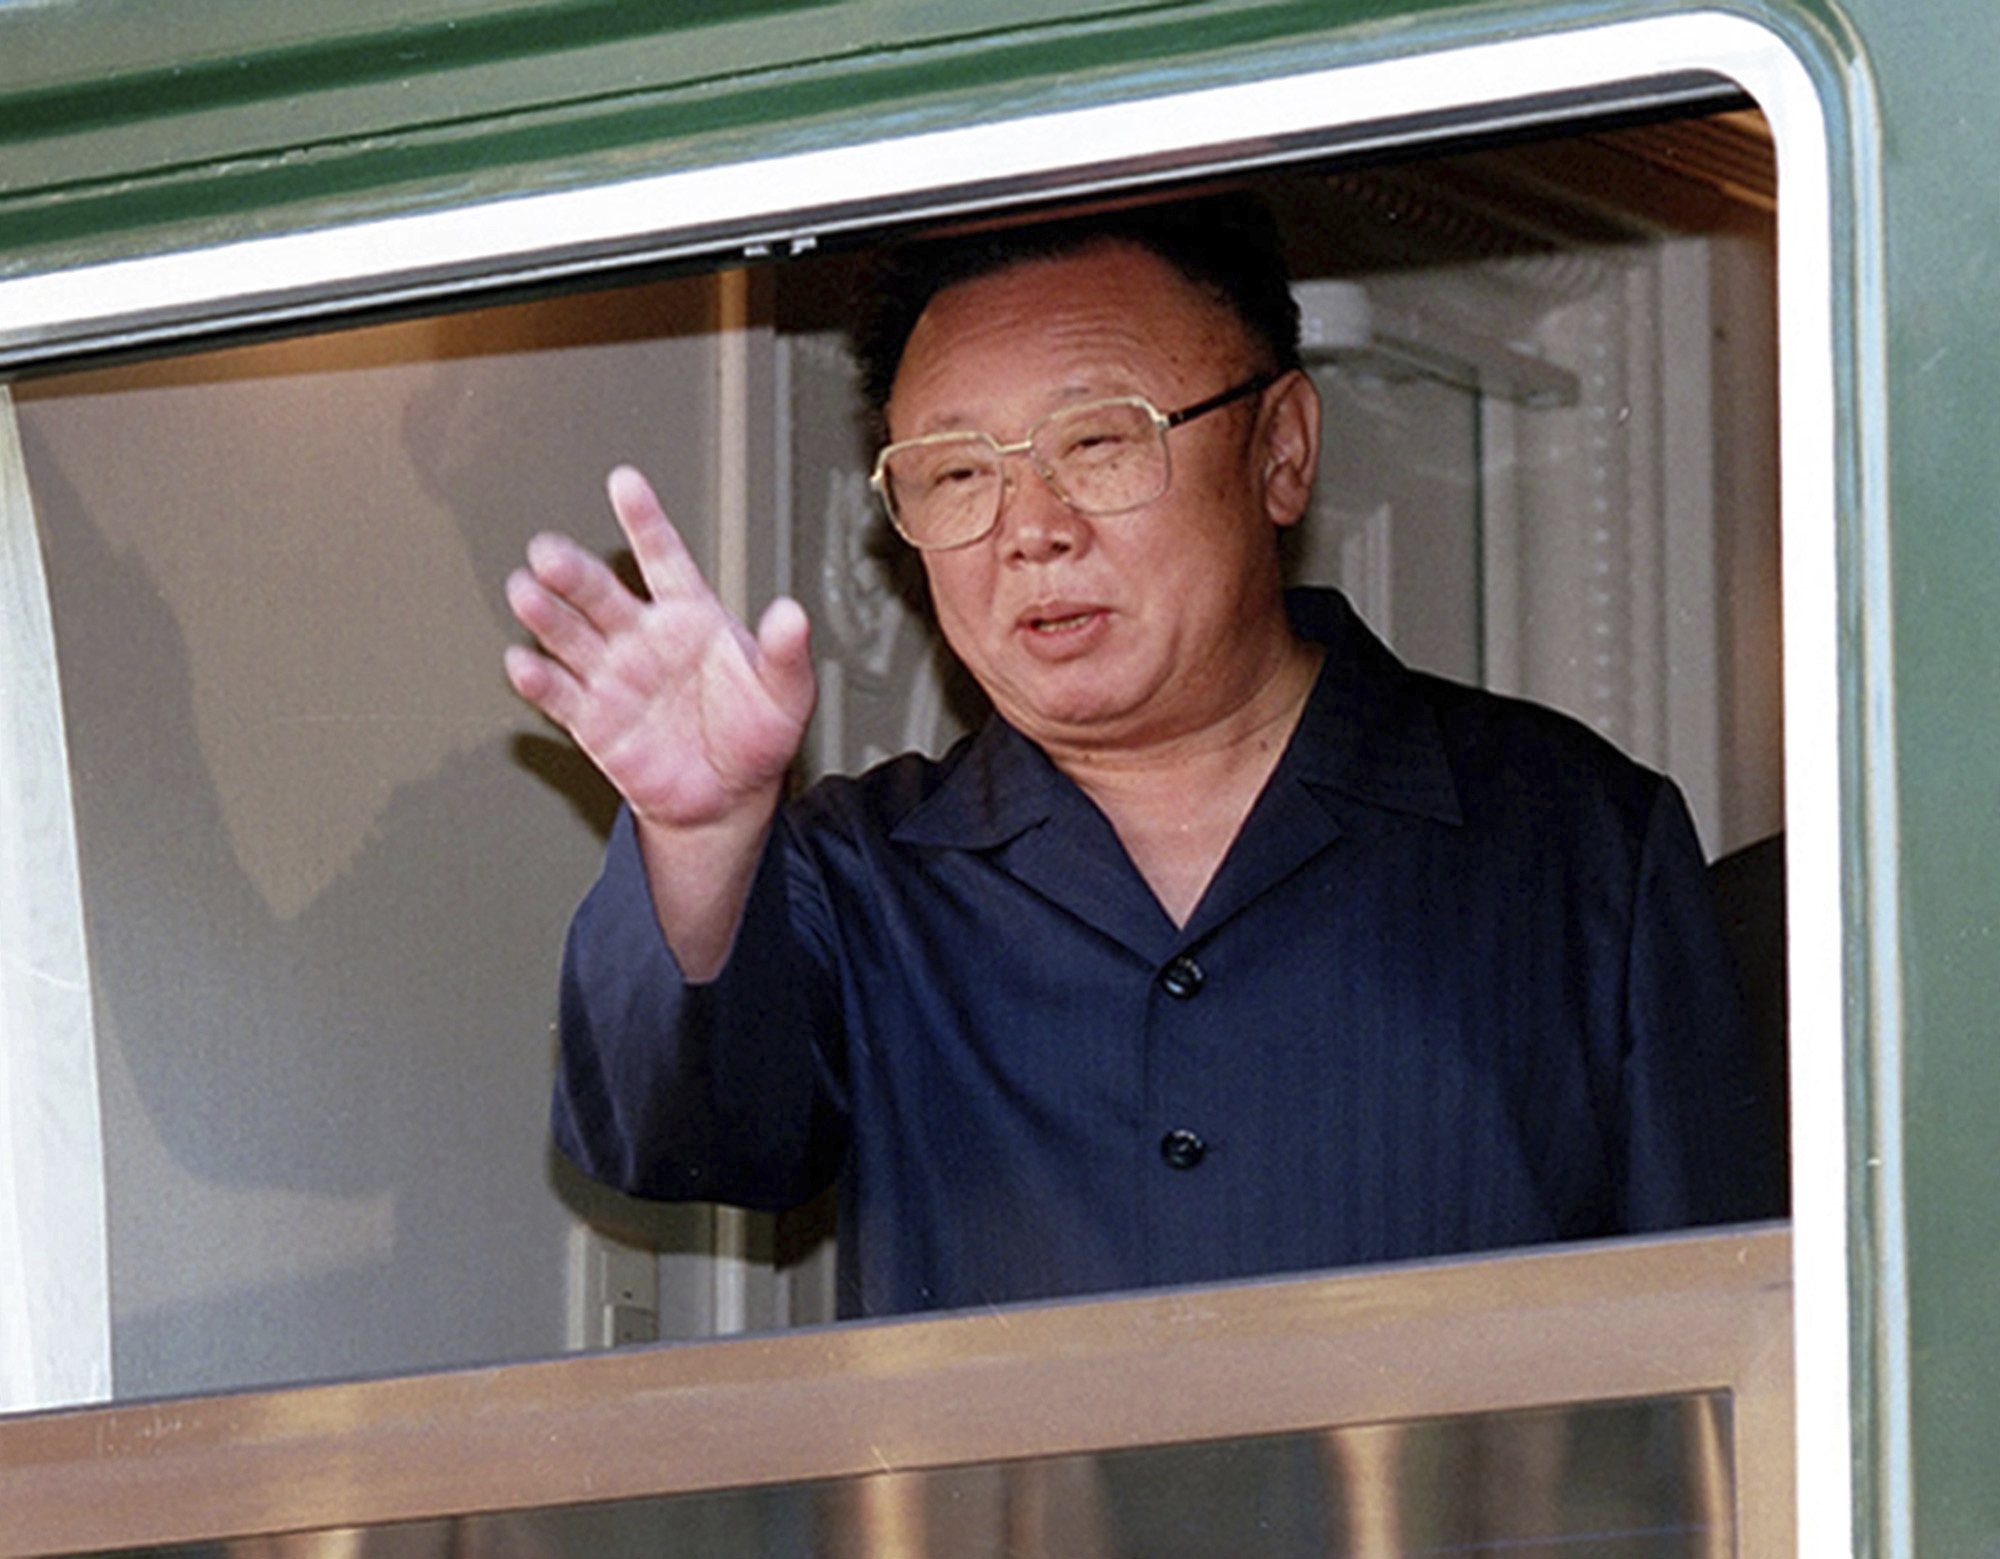 김정일 국방위원장이 2002년 8월 20일 러시아 하산역에서 열차 창문을 통해 손을 흔들고 있다. [AP=연합뉴스]